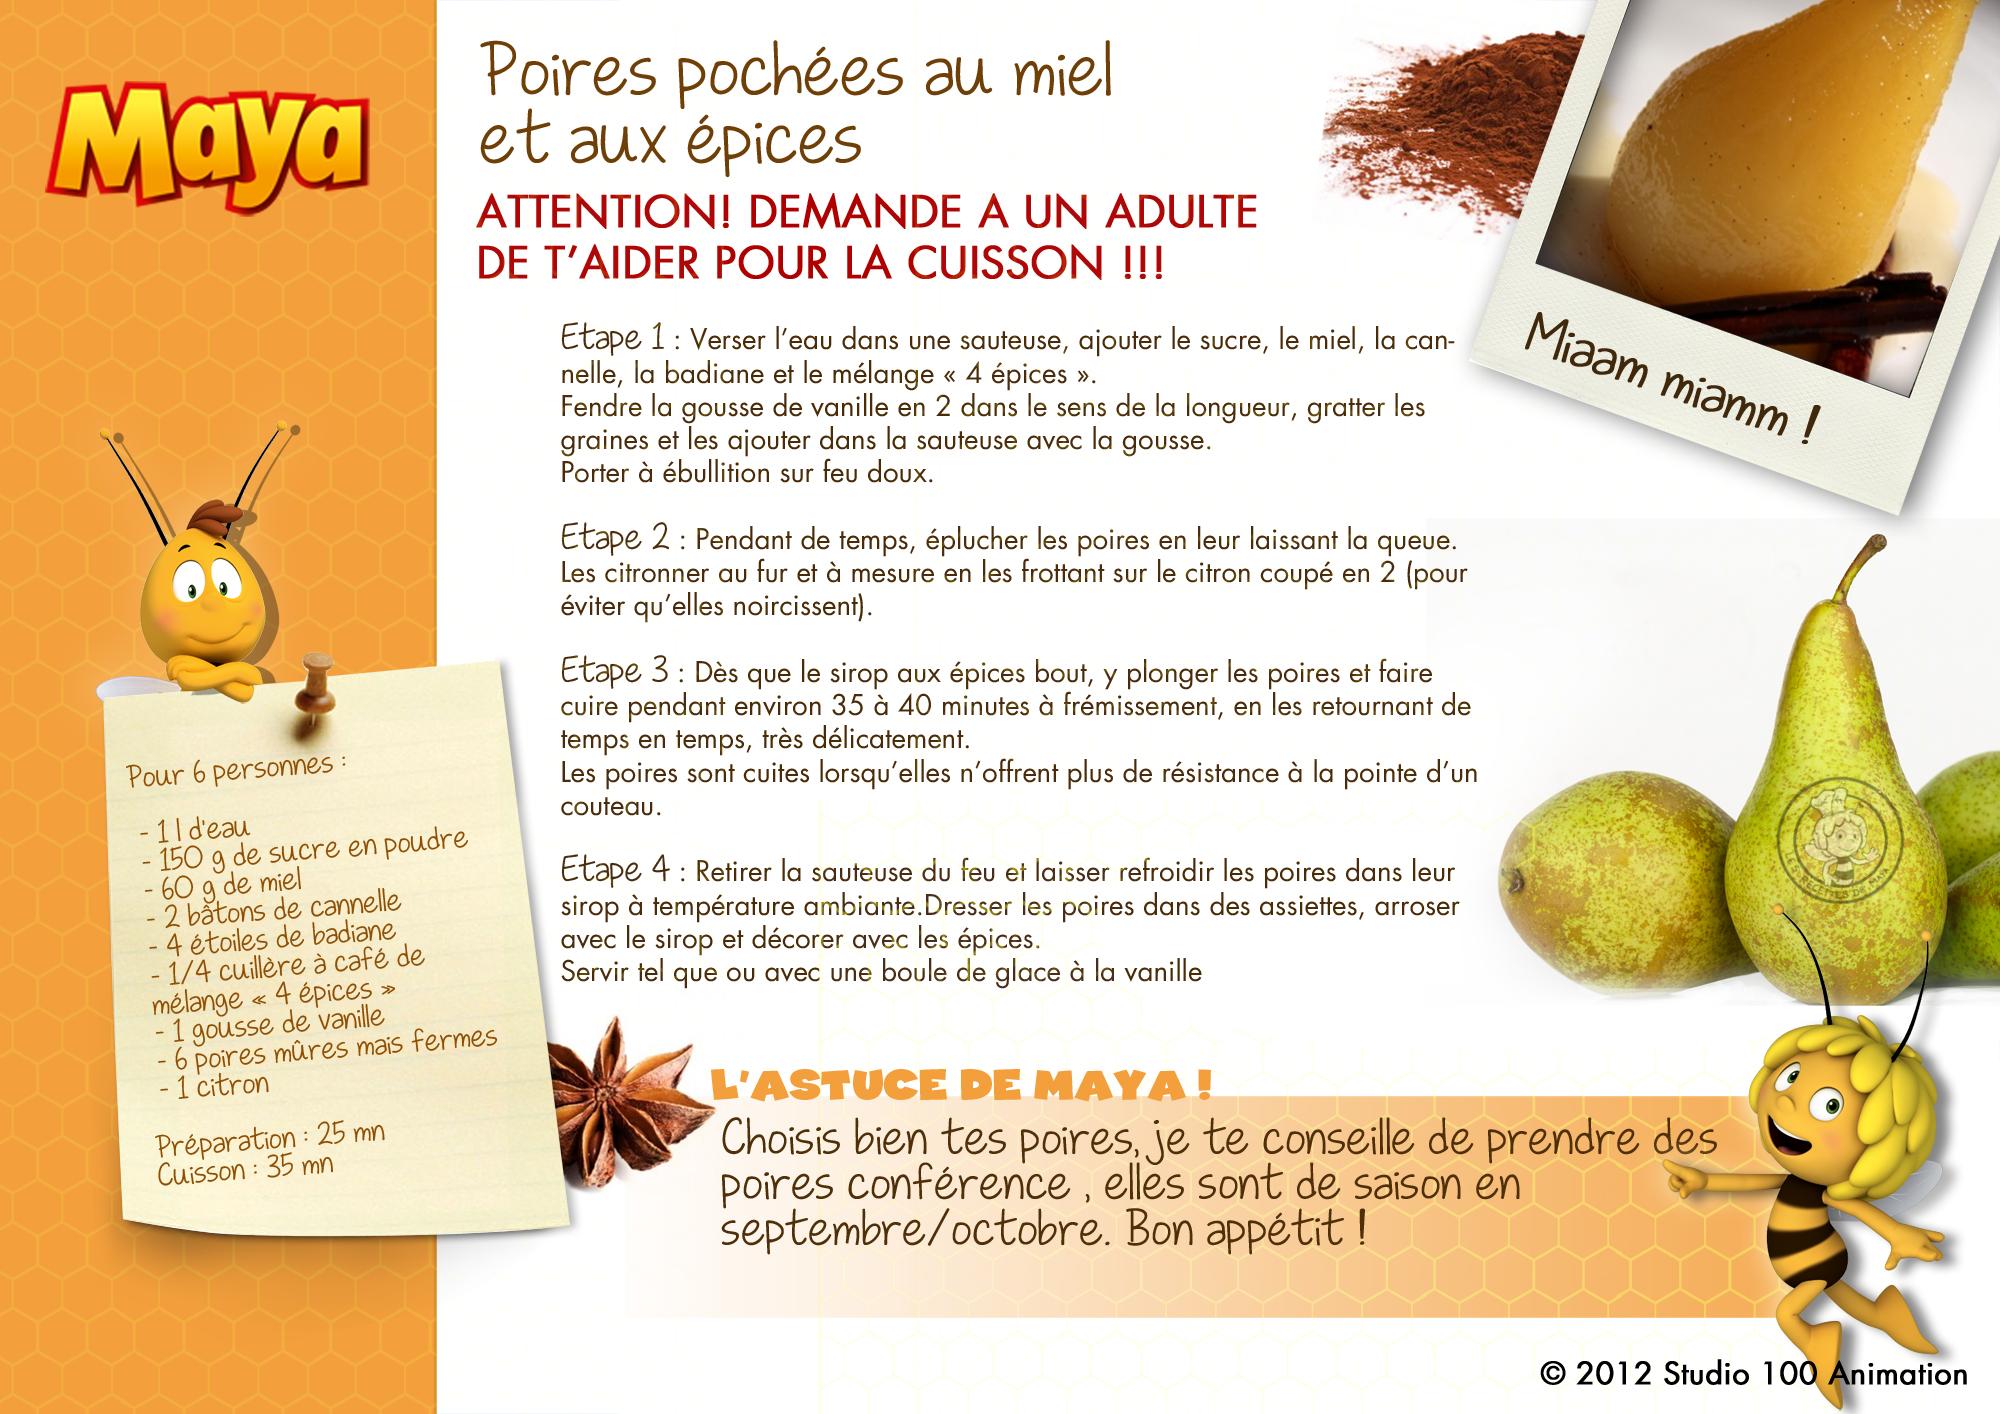 13-09-18 recettes-poires